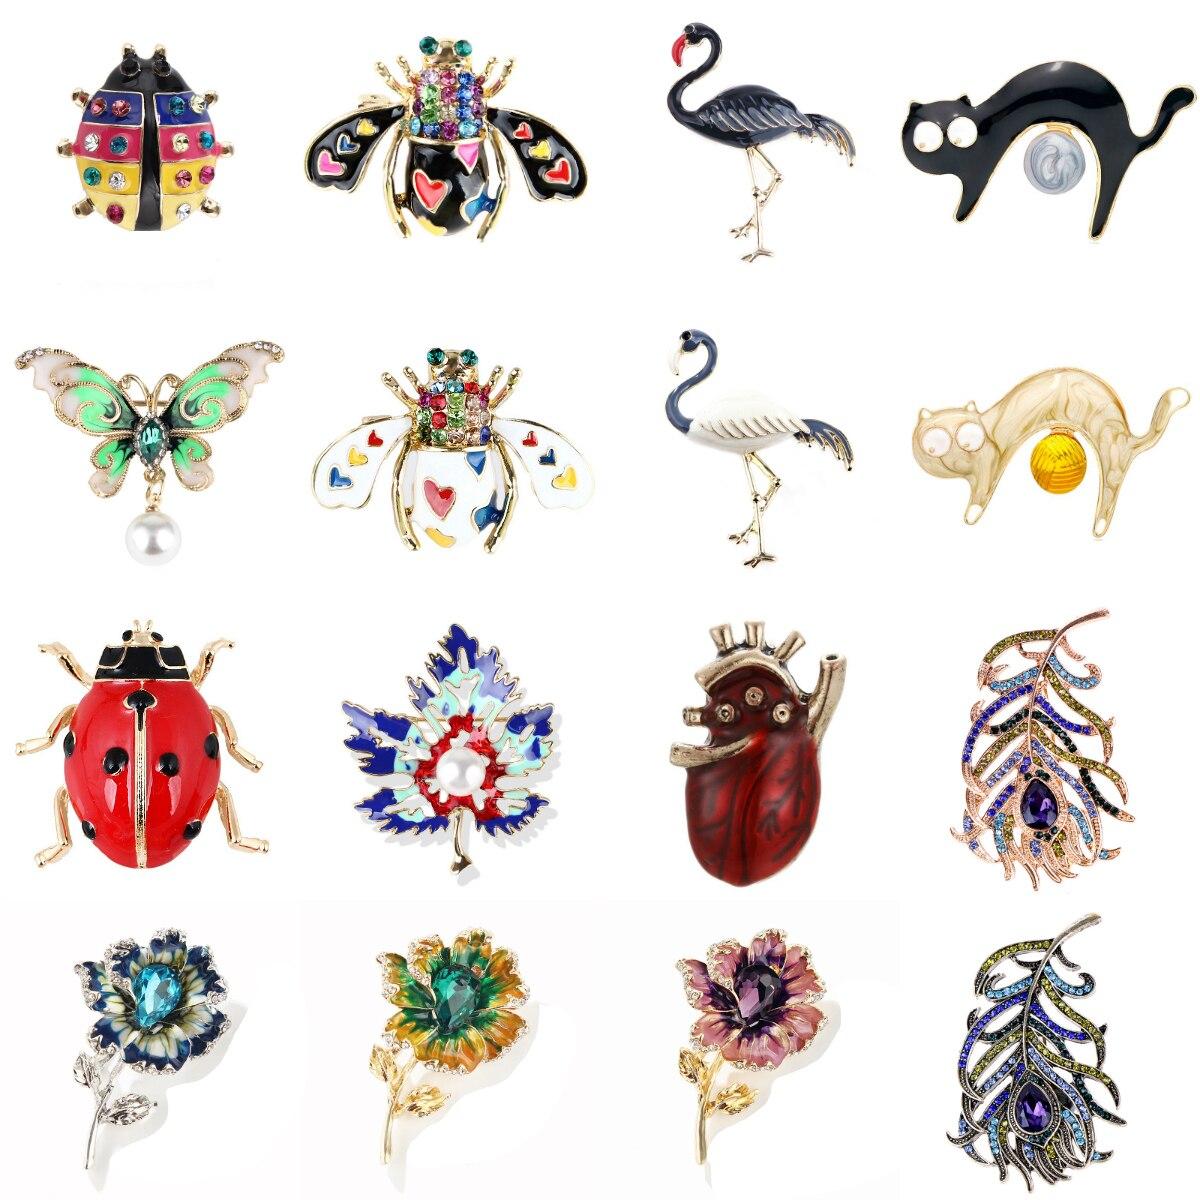 Perno de broche de Metal con diseño de Hojas de arce de colores con forma de mariposa y abeja, broches decorativos de perlas de imitación, joyería de fiesta para mujer